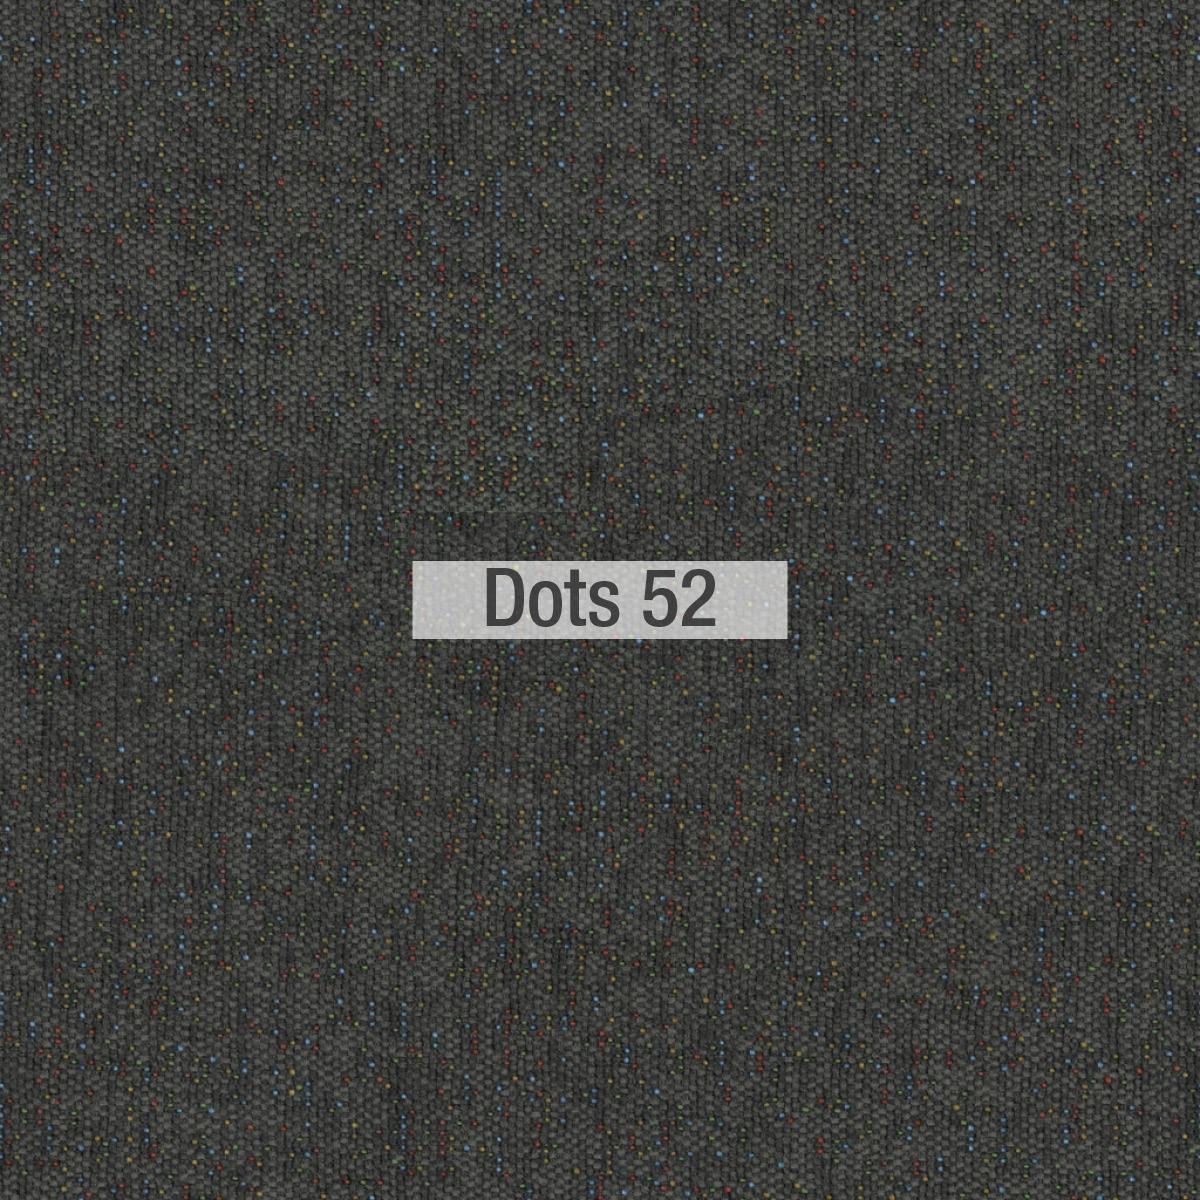 Colores Stella-Dots tela Fama 2020 15